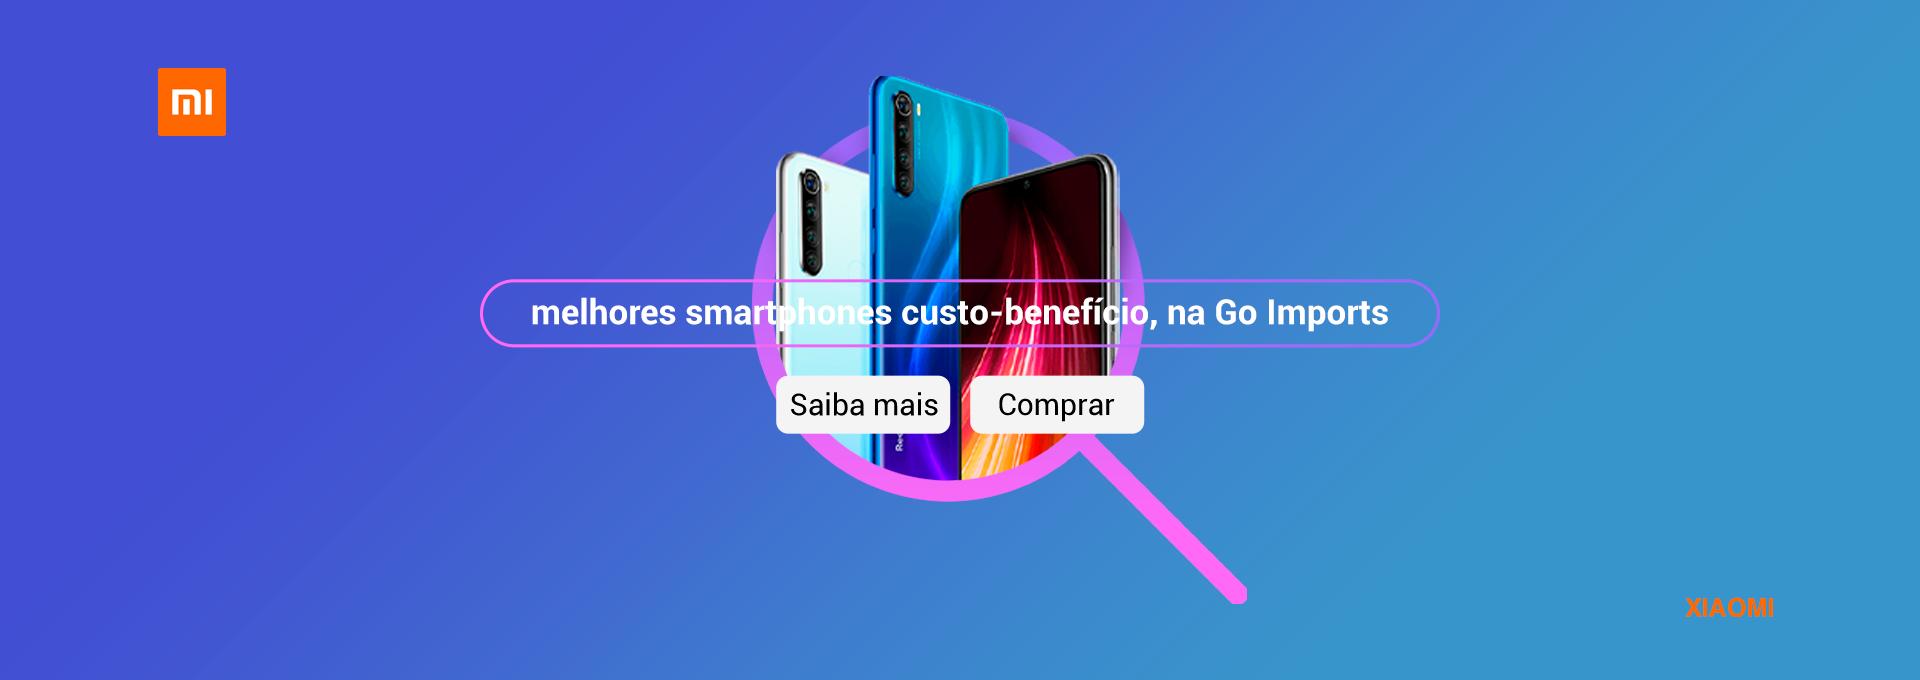 Produtos Xiaomi